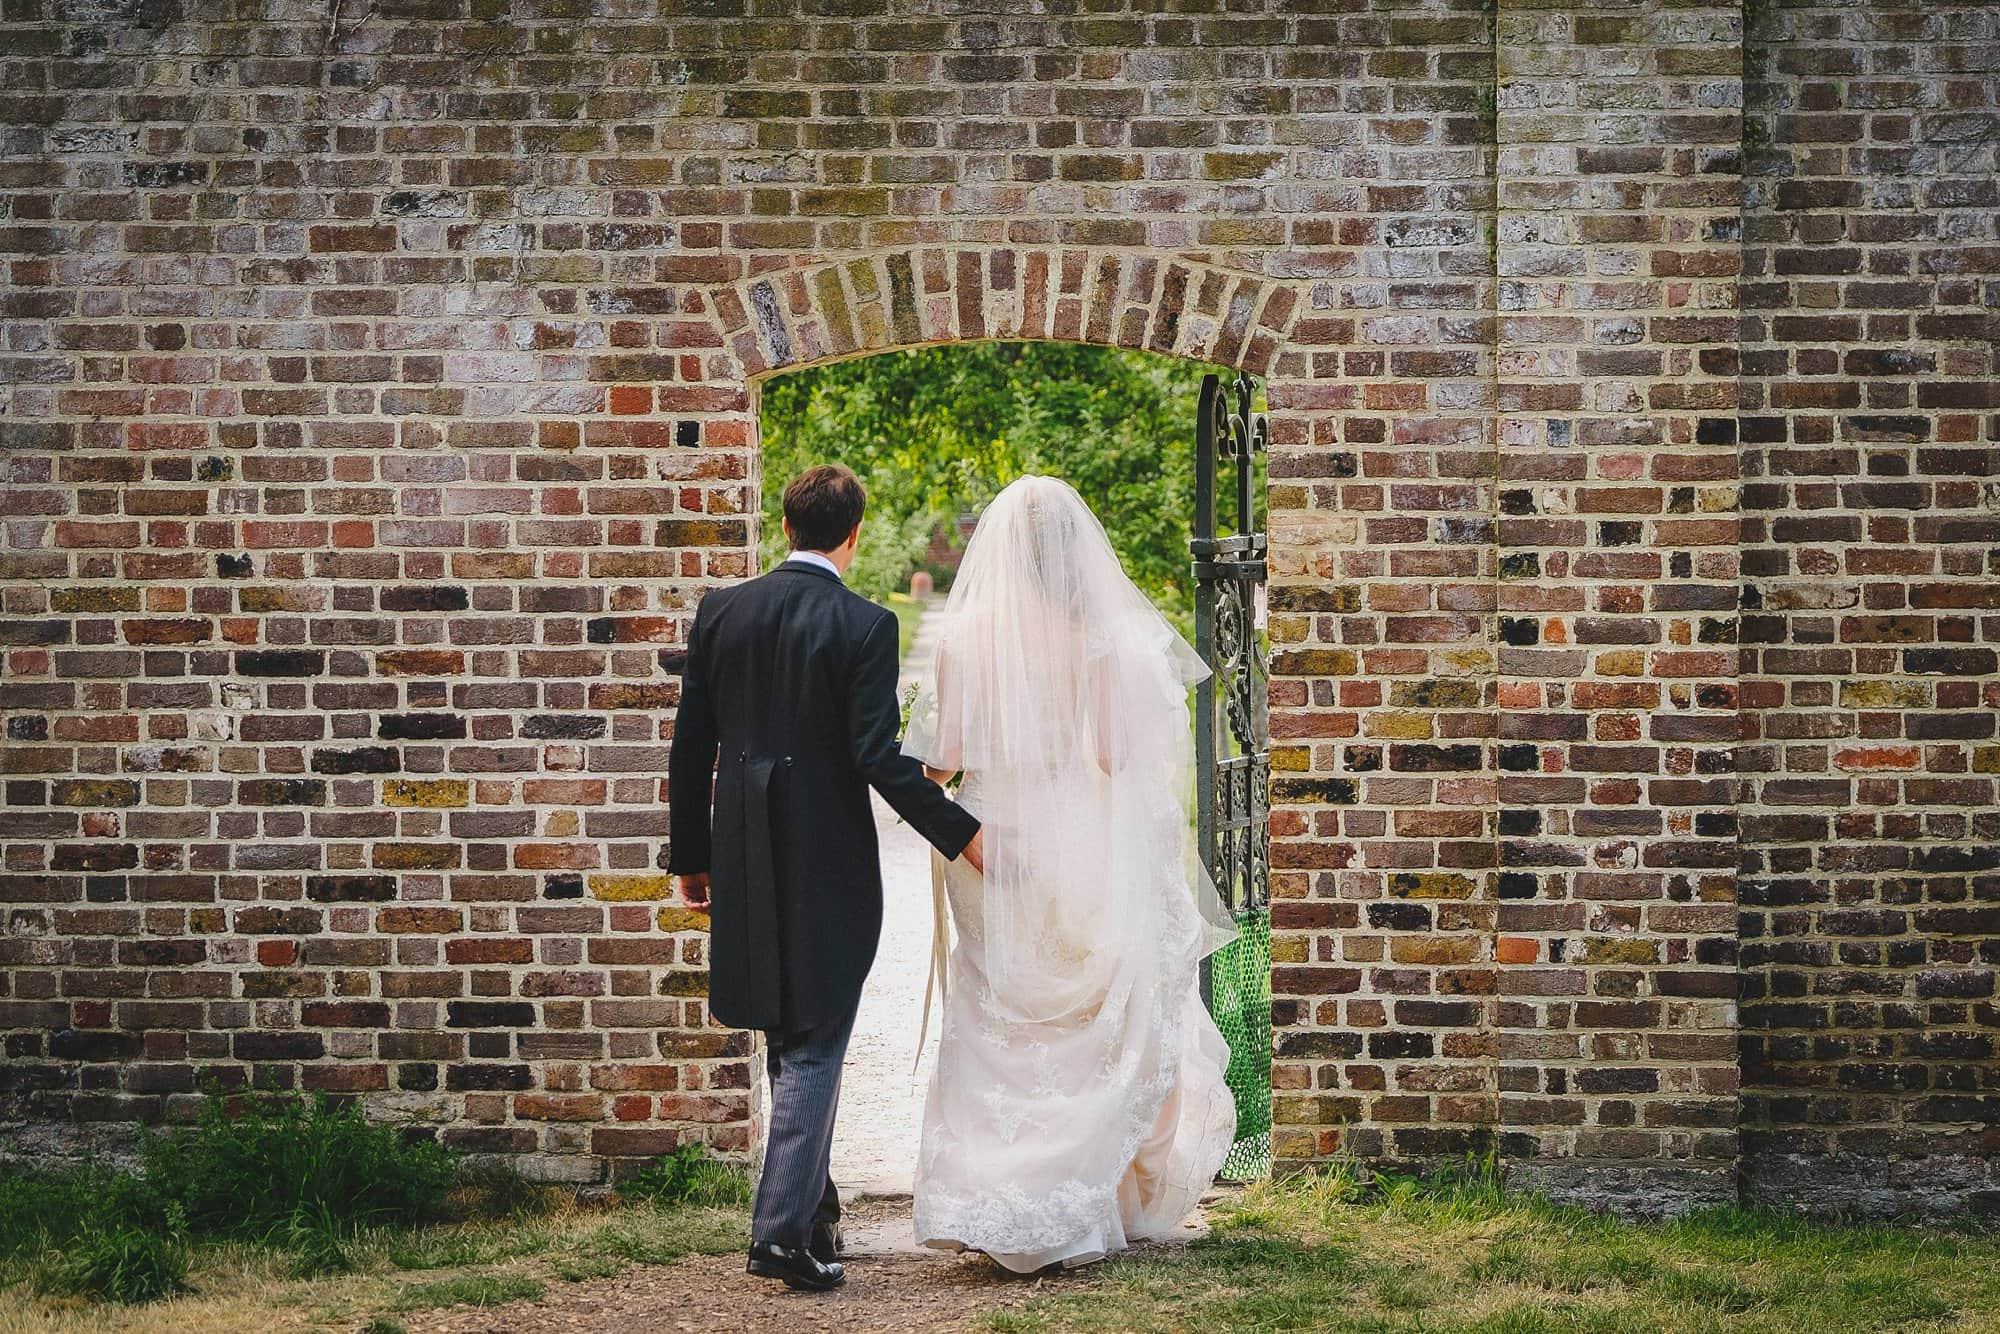 fulham palace wedding photographer 046 - Rosanna & Duncan's Fulham Palace Wedding